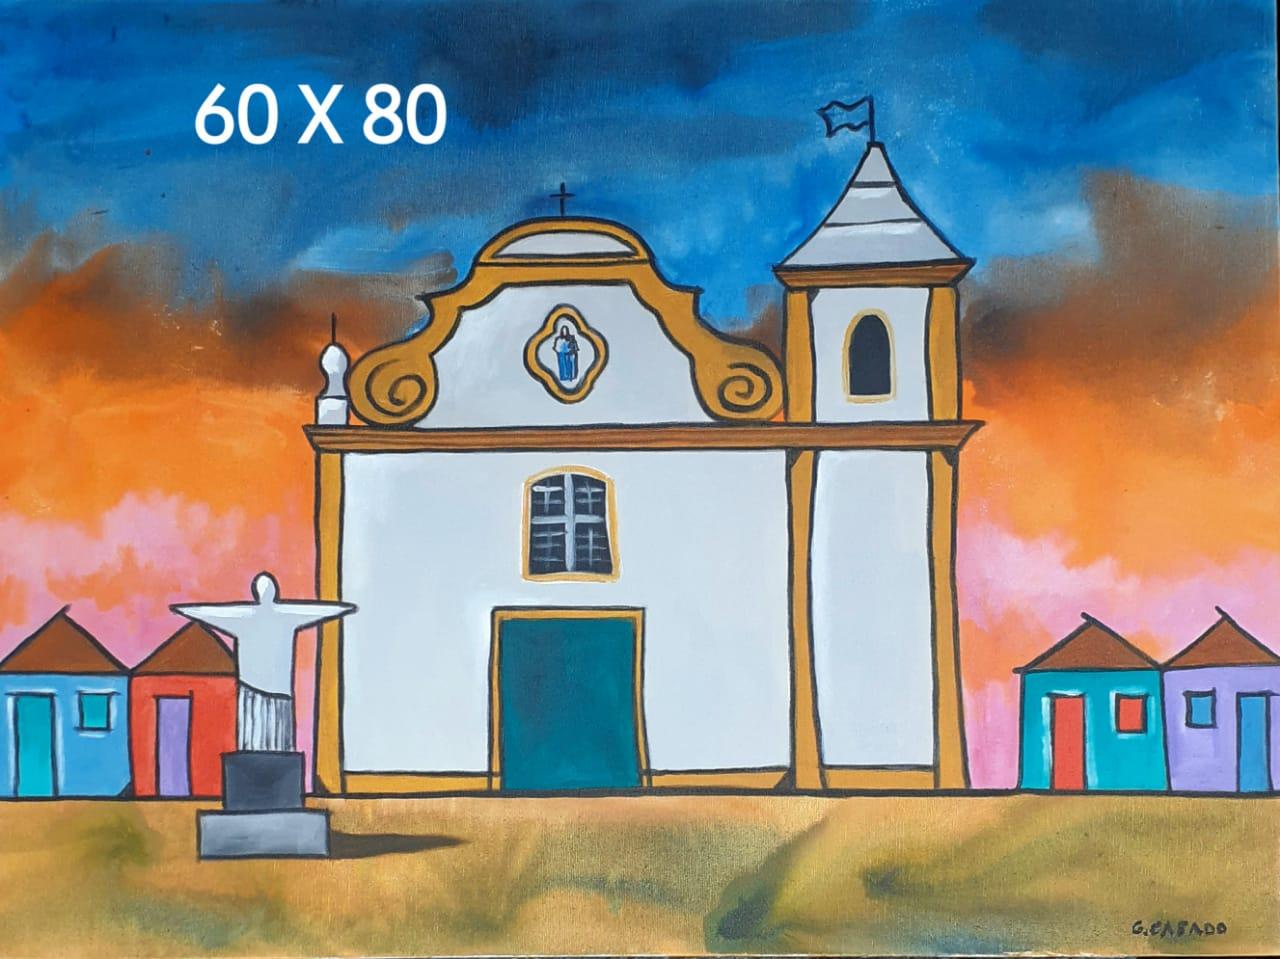 alvorecer-najuda-002-60-x-80